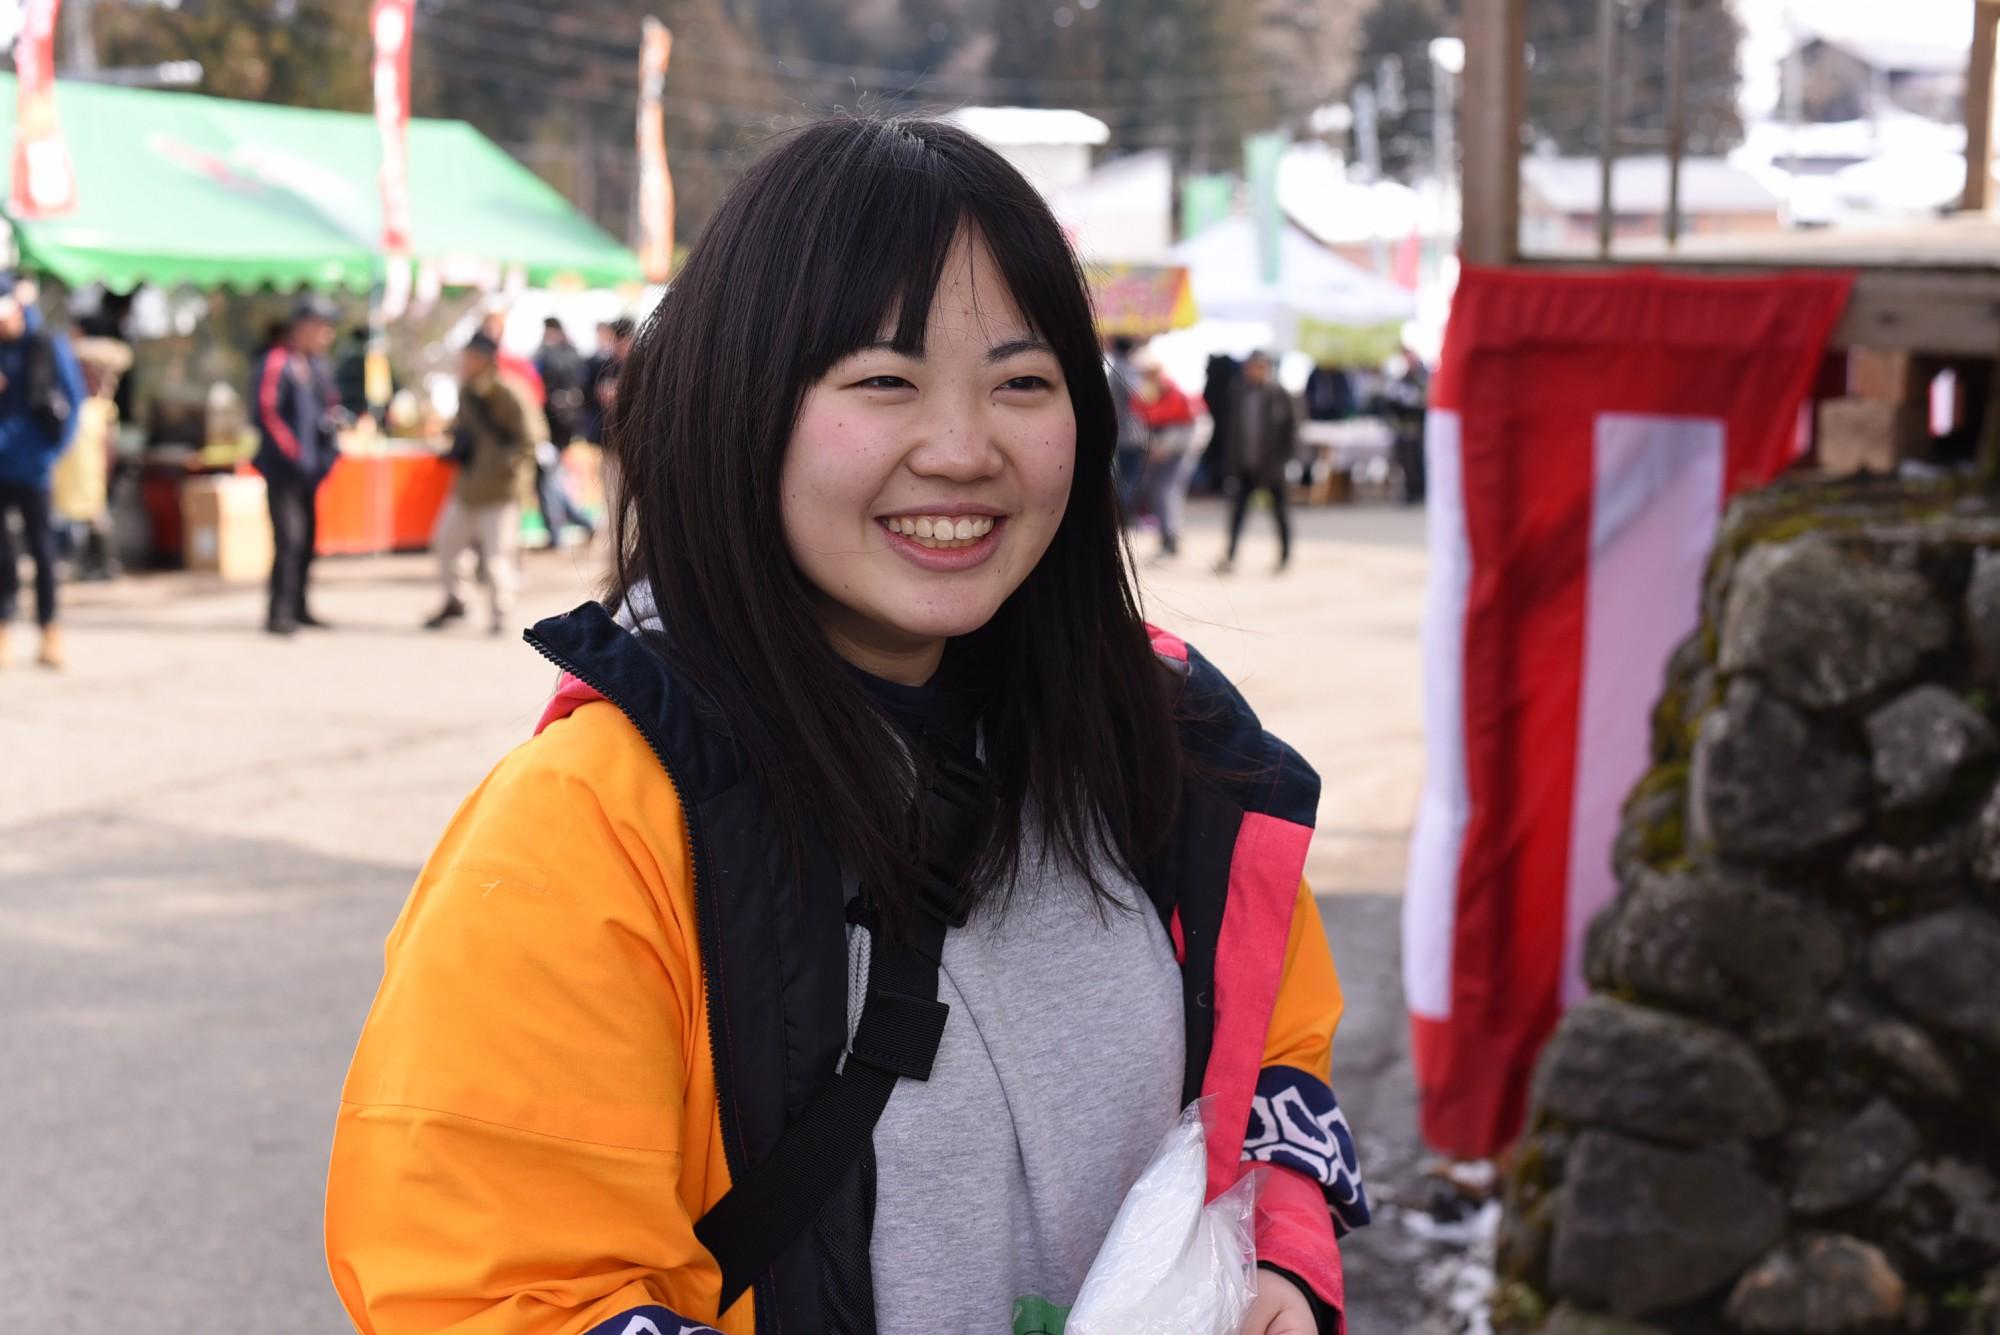 東京から来たという大学2年生・井上さん。この地区には何度も訪れ、その度に発見があるといいます。